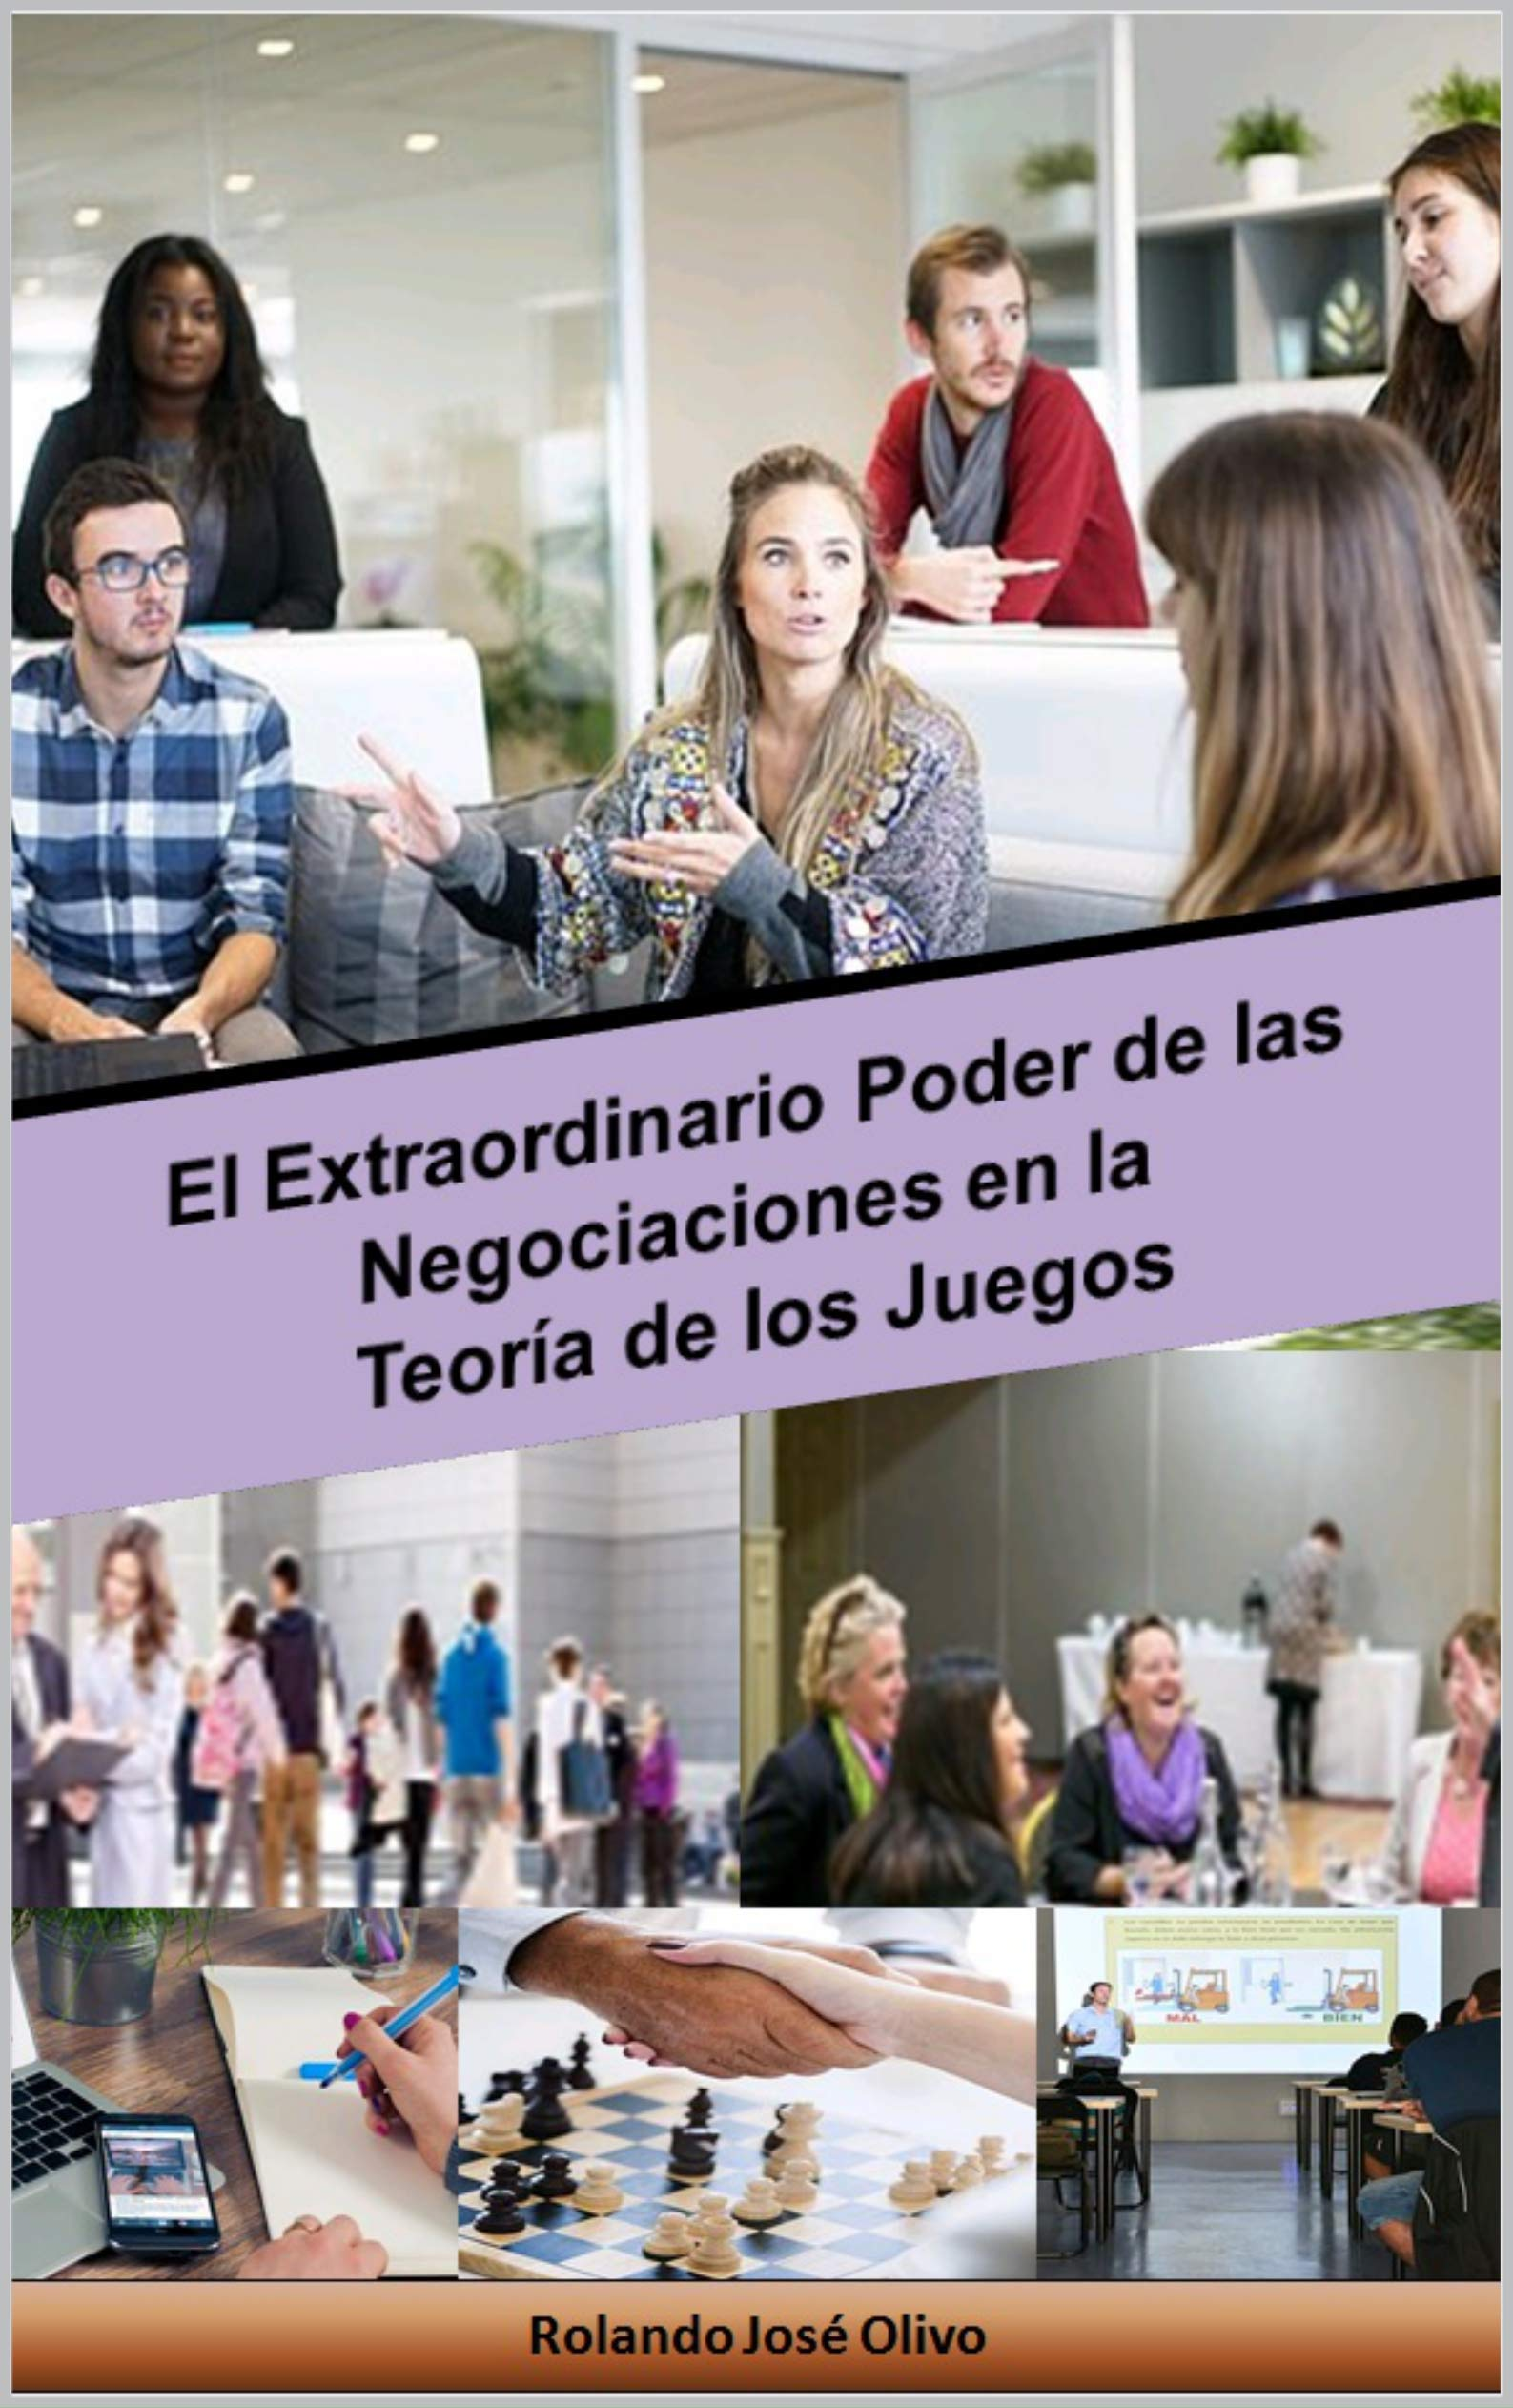 El Extraordinario Poder de las Negociaciones en la Teoría de los Juegos (Spanish Edition)